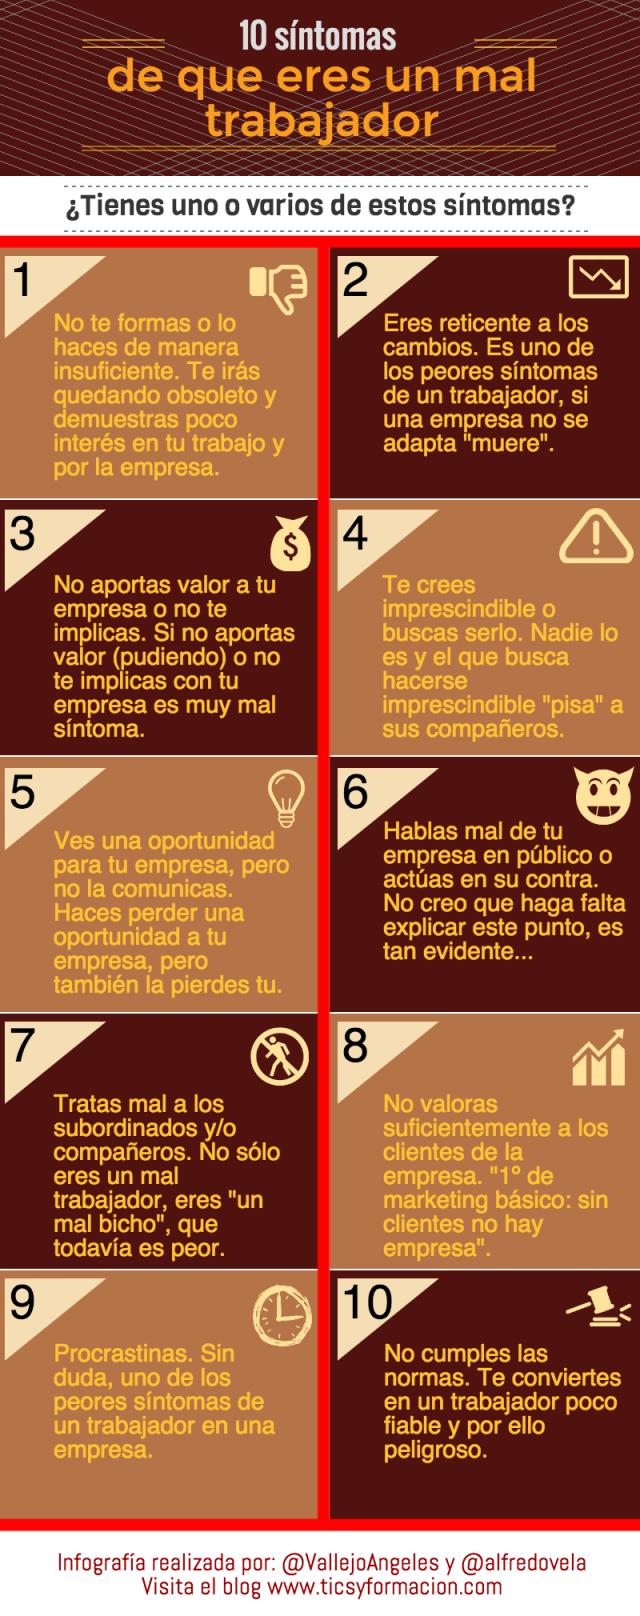 10-sintomas-de-que-eres-un-mal-trabajador